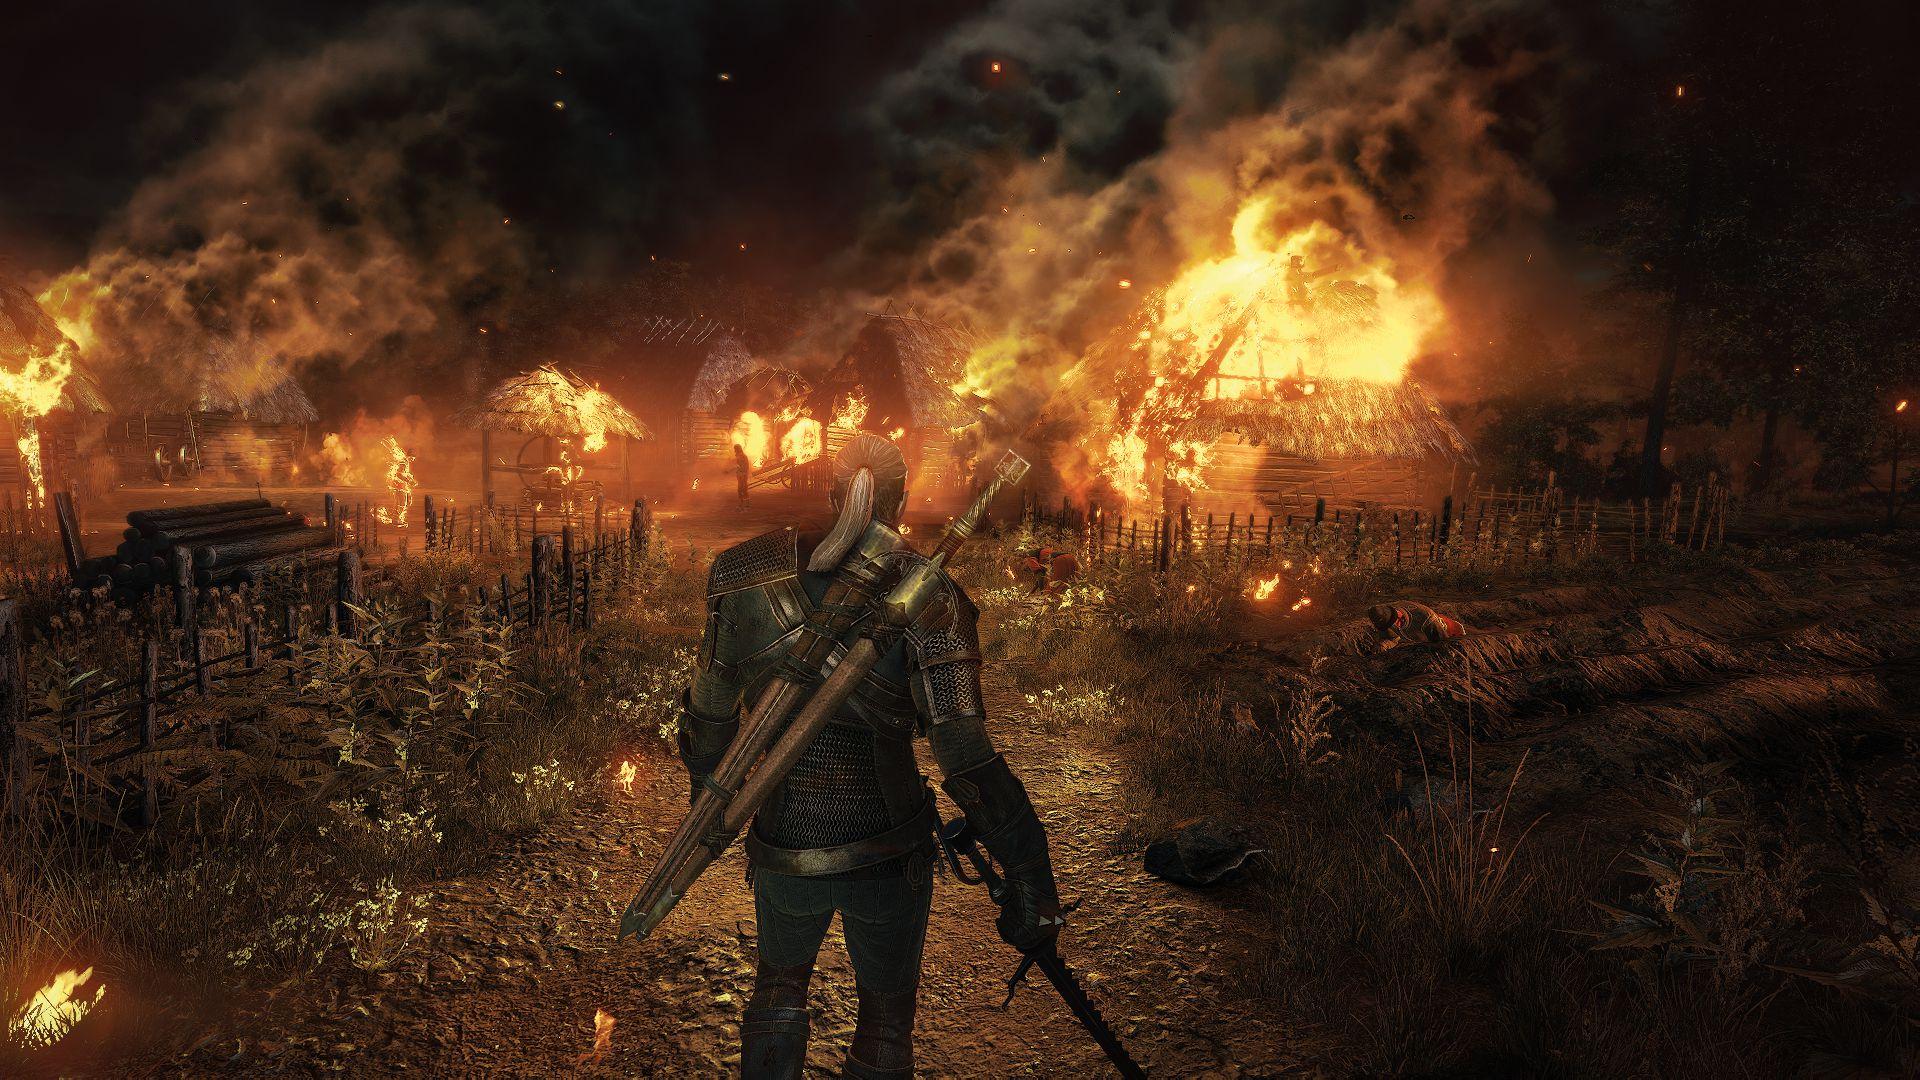 the_witcher_3_wild_hunt_burning_village_1402422236